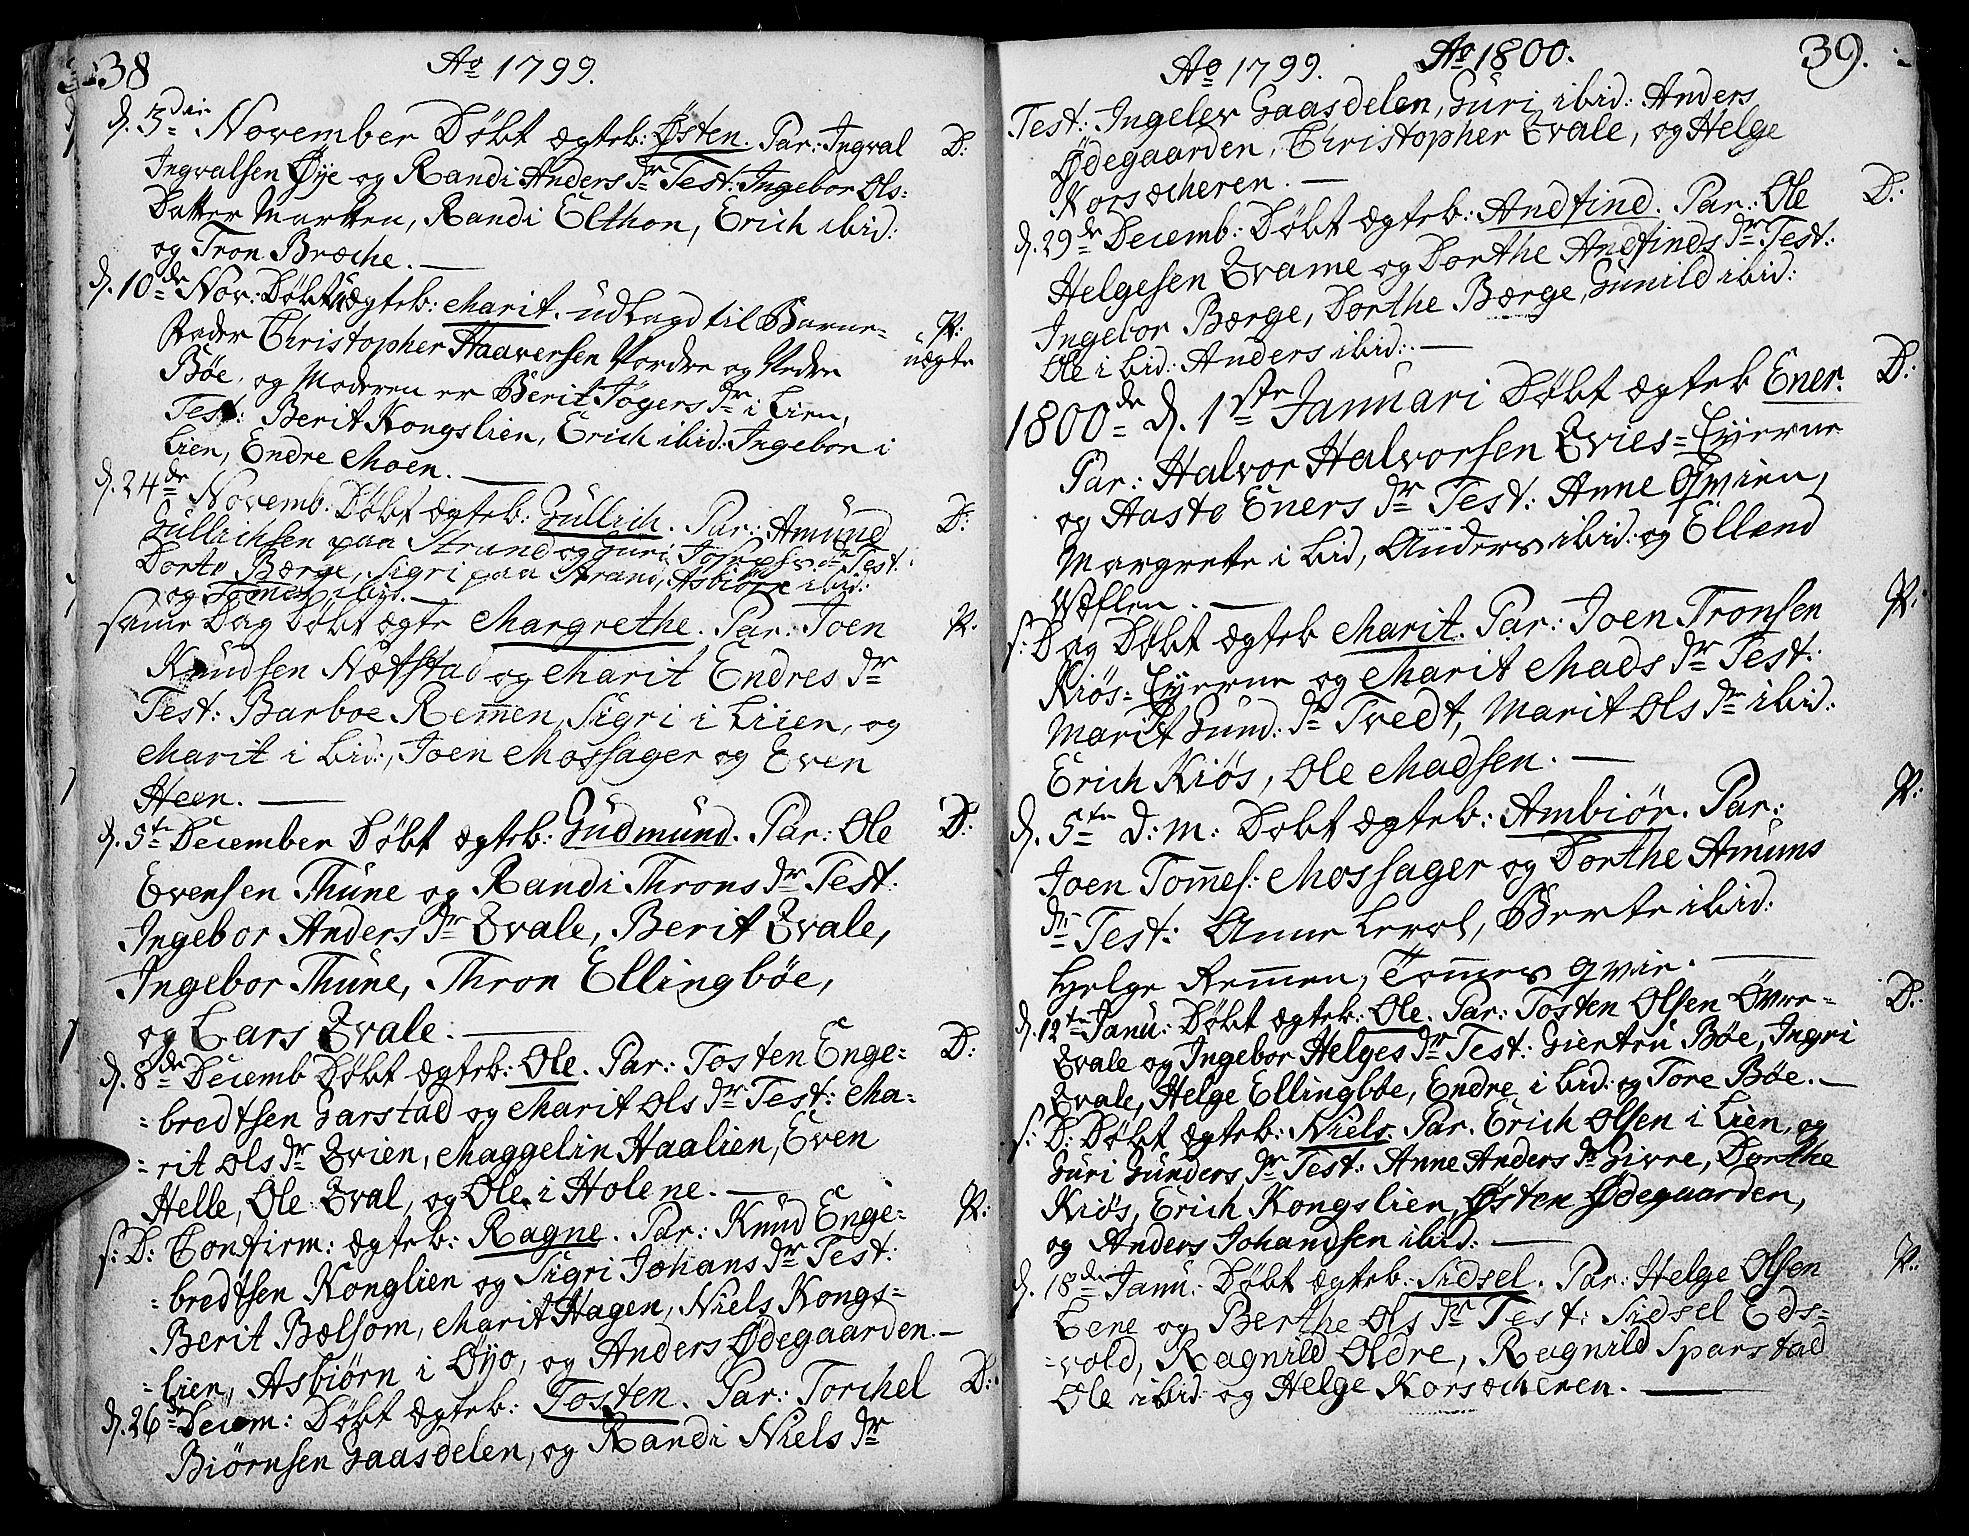 SAH, Vang prestekontor, Valdres, Ministerialbok nr. 2, 1796-1808, s. 38-39